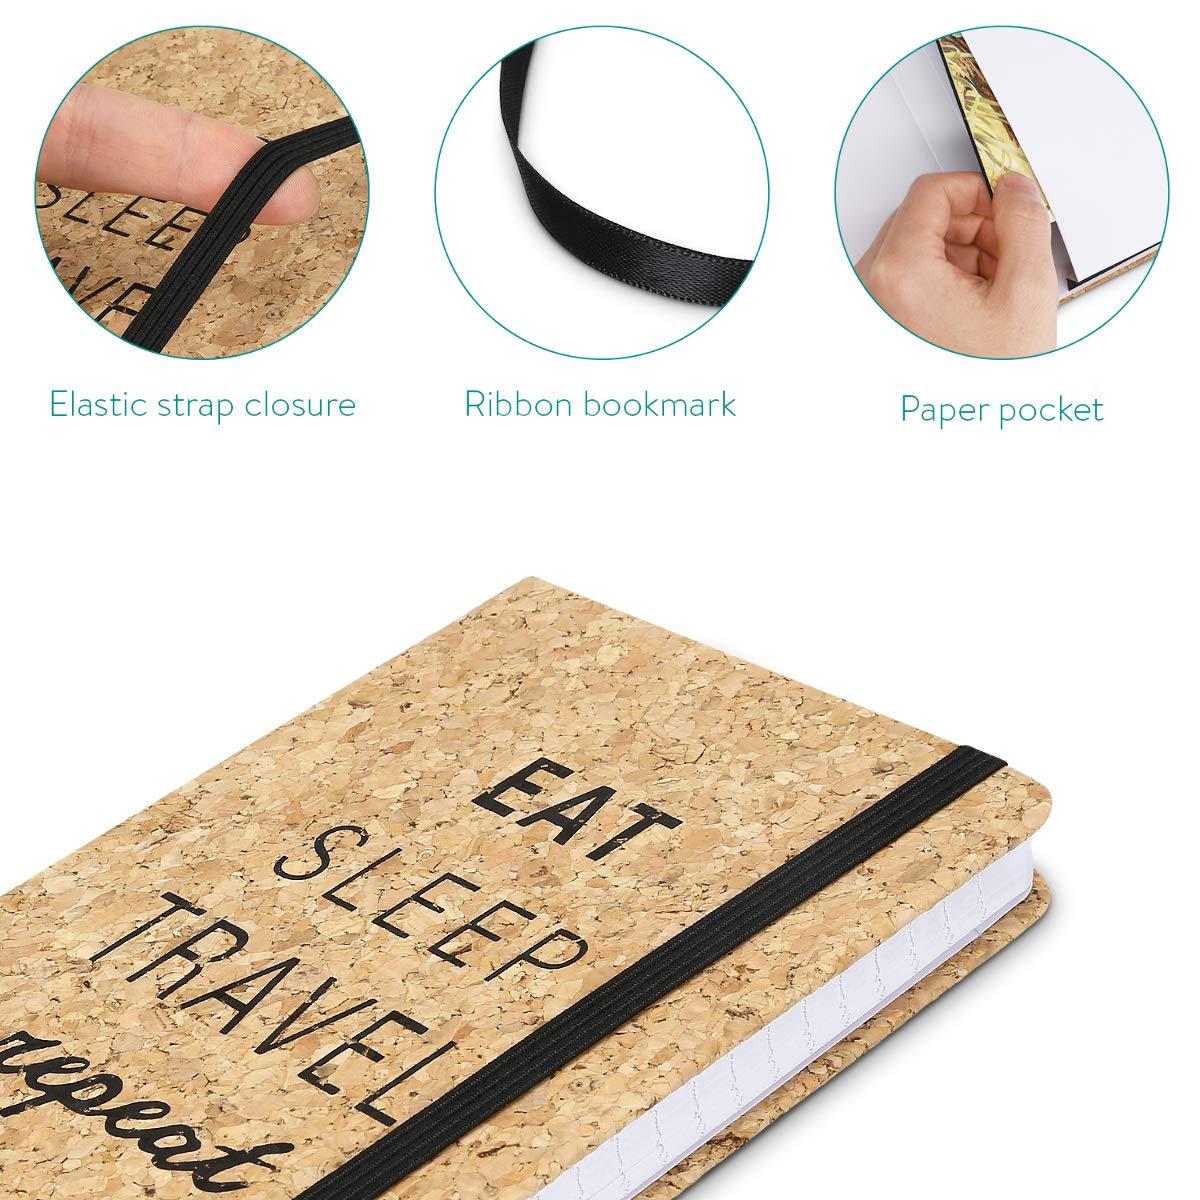 Navaris Carnet de notes Cahier 100 pages avec lignes et compartiment papier Carnet de voyage avec couverture en li/ège et fermeture /élastique